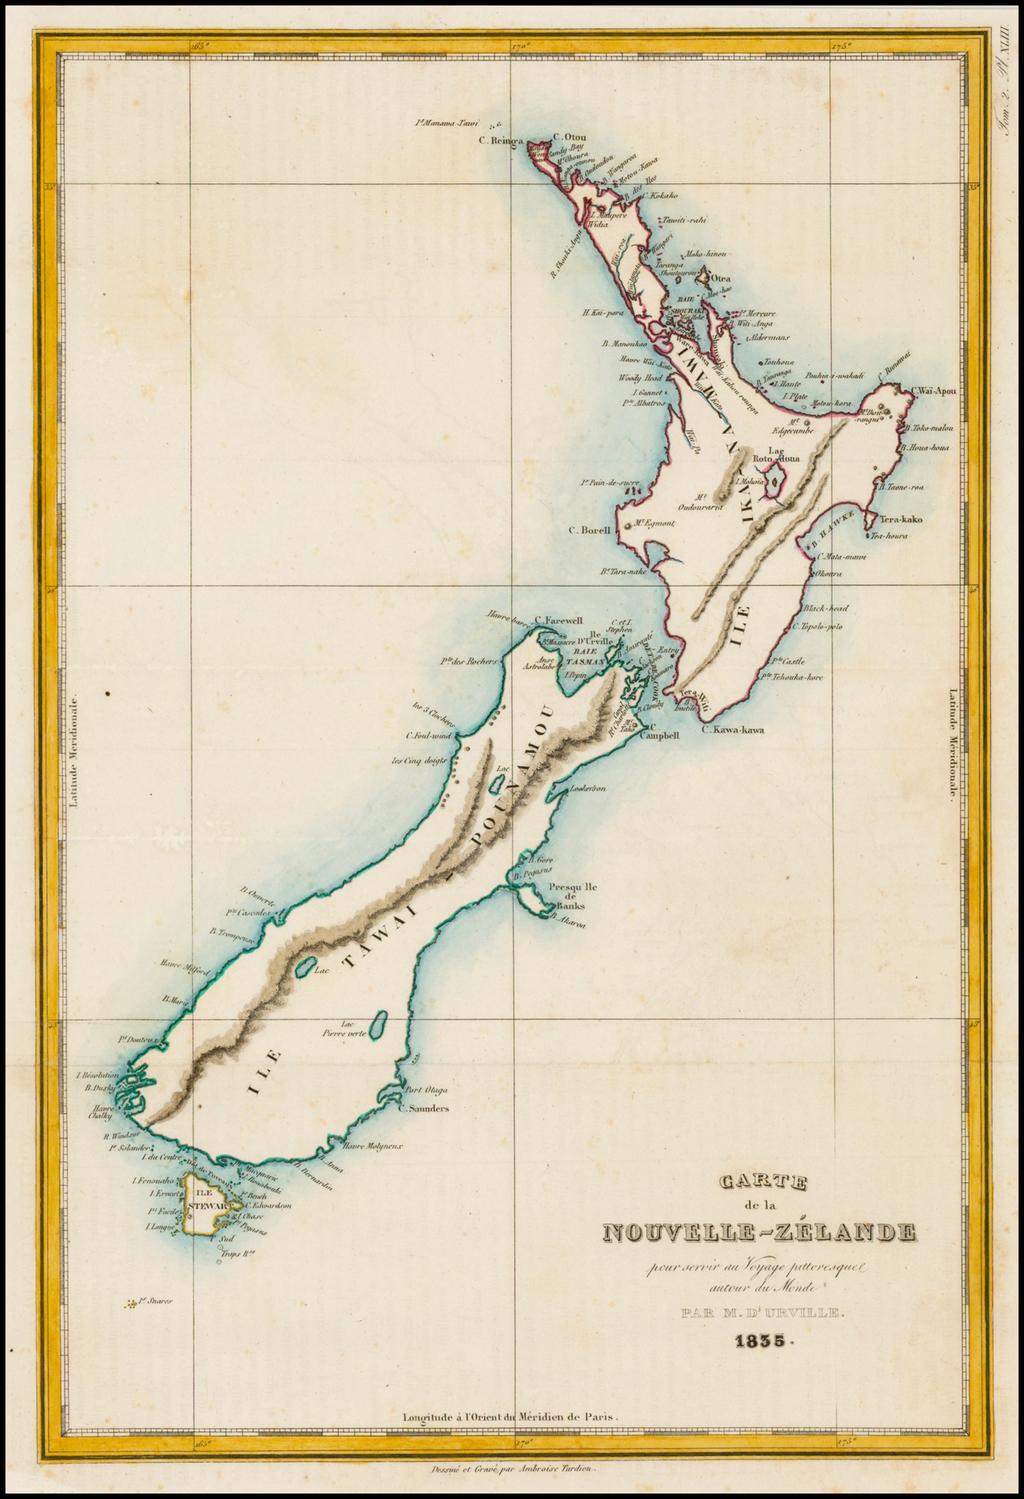 Carte de la Nouvelle-Zelande pour Servir au Voyage Pittoresque autour du Monde . . . 1835 By Jules Sebastian Cesar Dumont-D'Urville